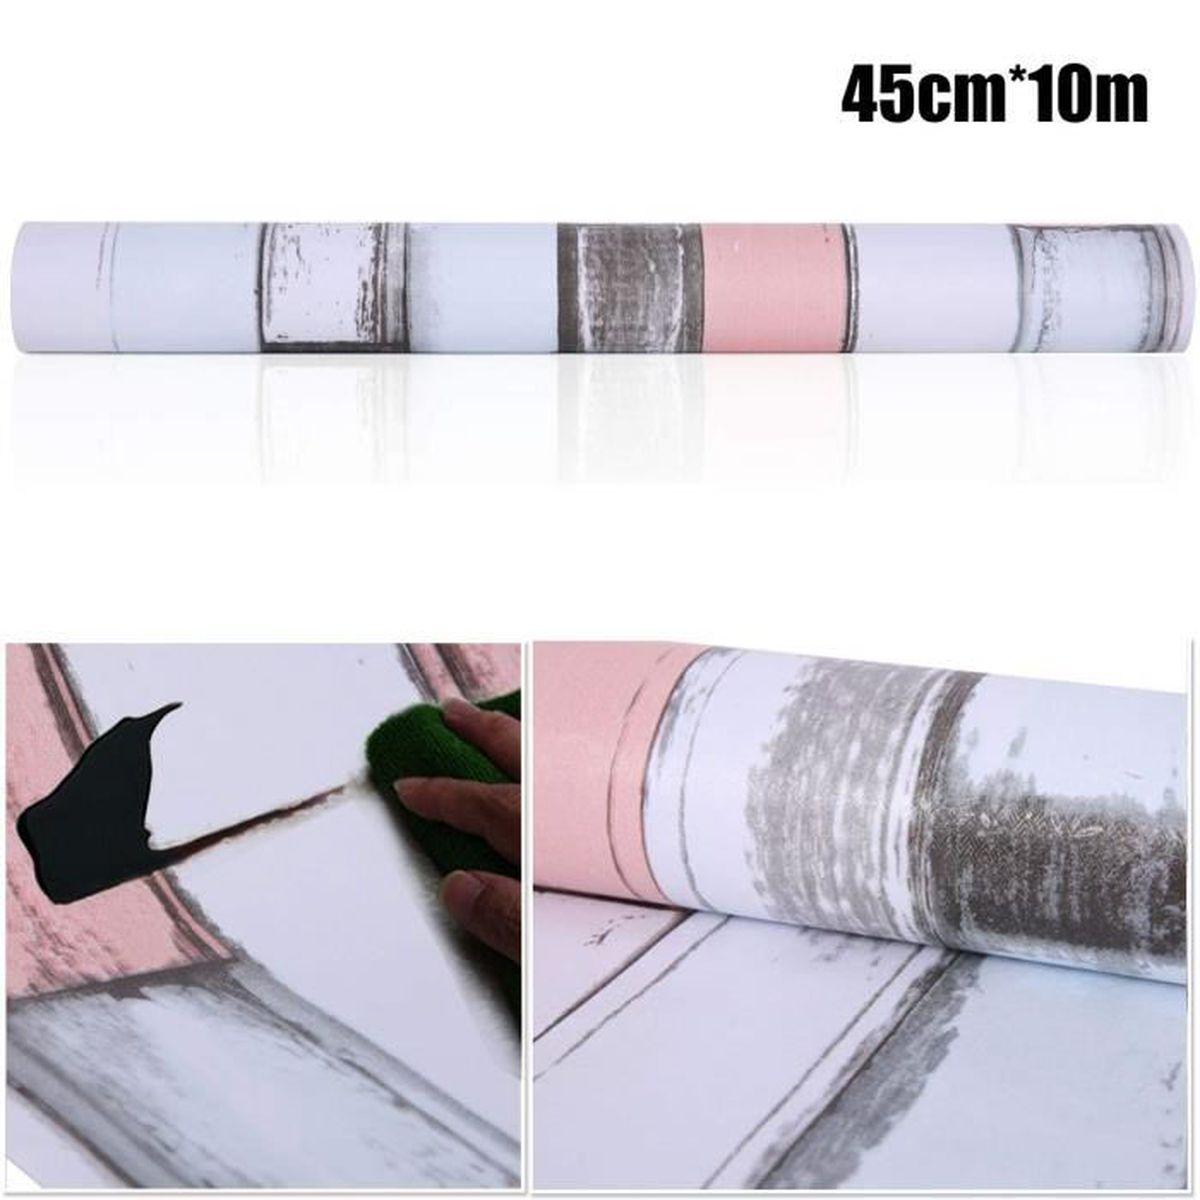 Papier Peint Trompe L Oeil Porte Placard papier peint auto-adhésif trompe l'oeil 45cmx10m bois blanc